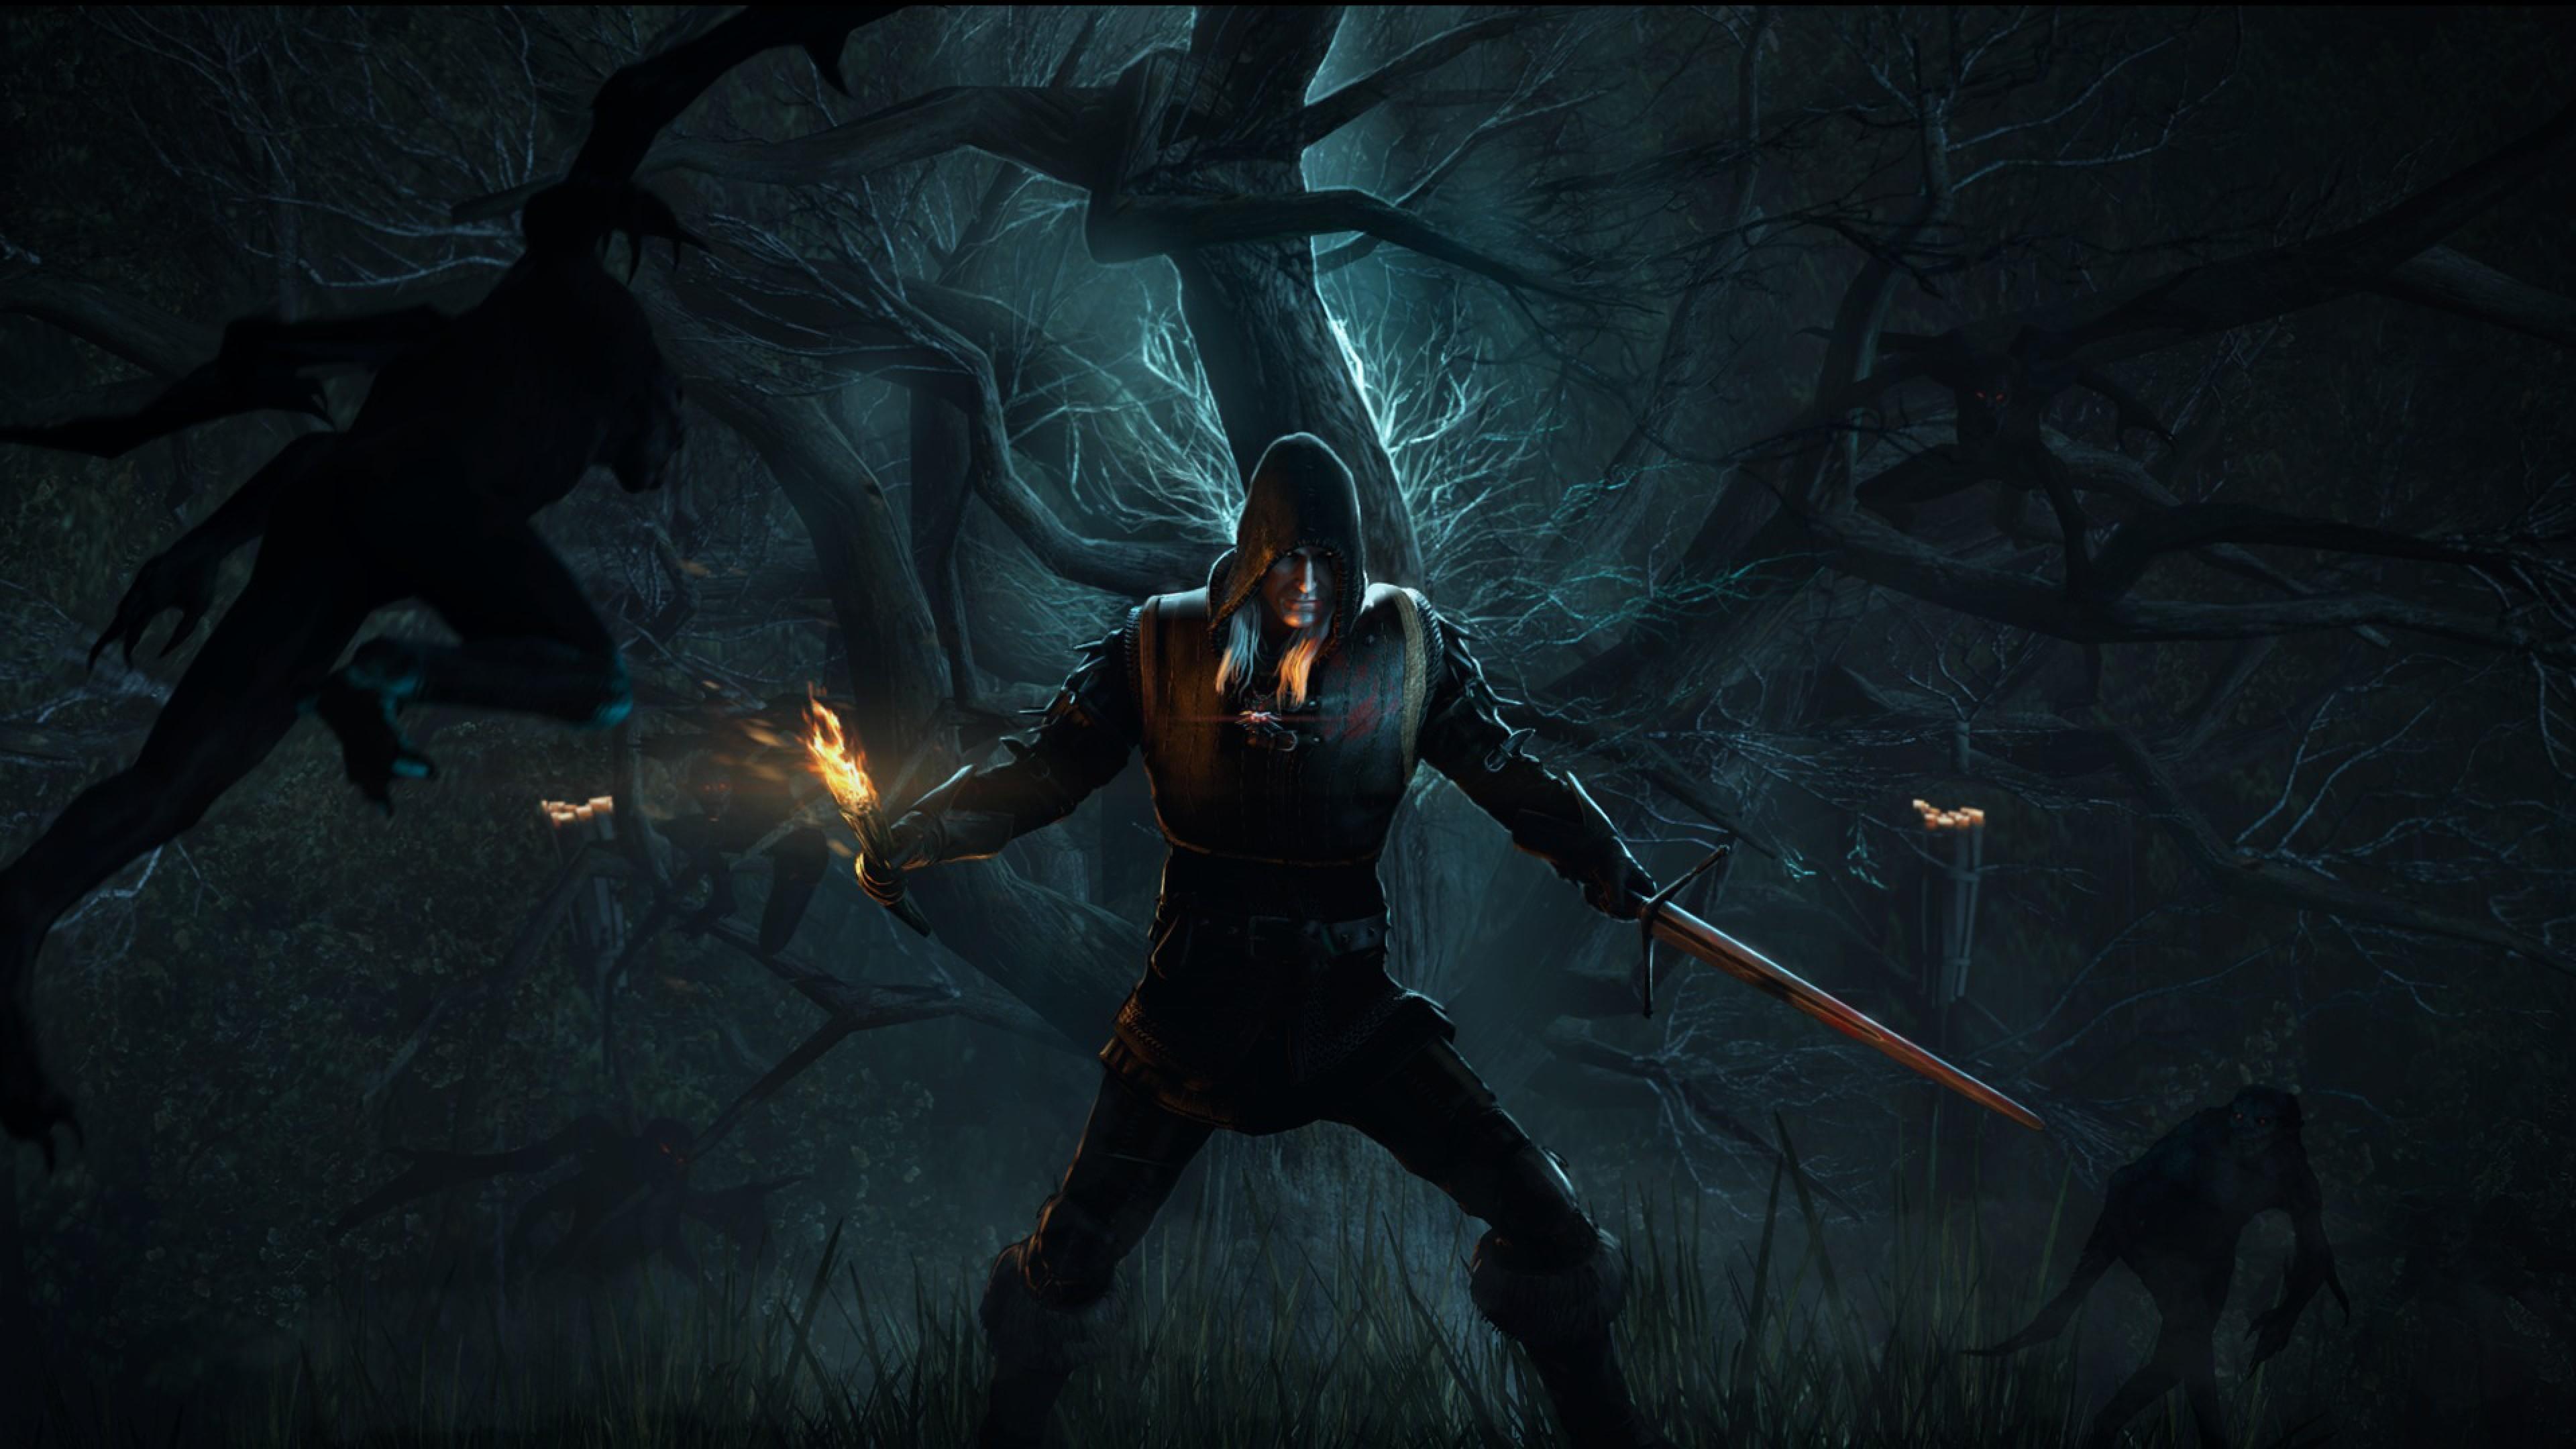 Wallpaper the witcher 3, wild hunt, forest, warrior, torch